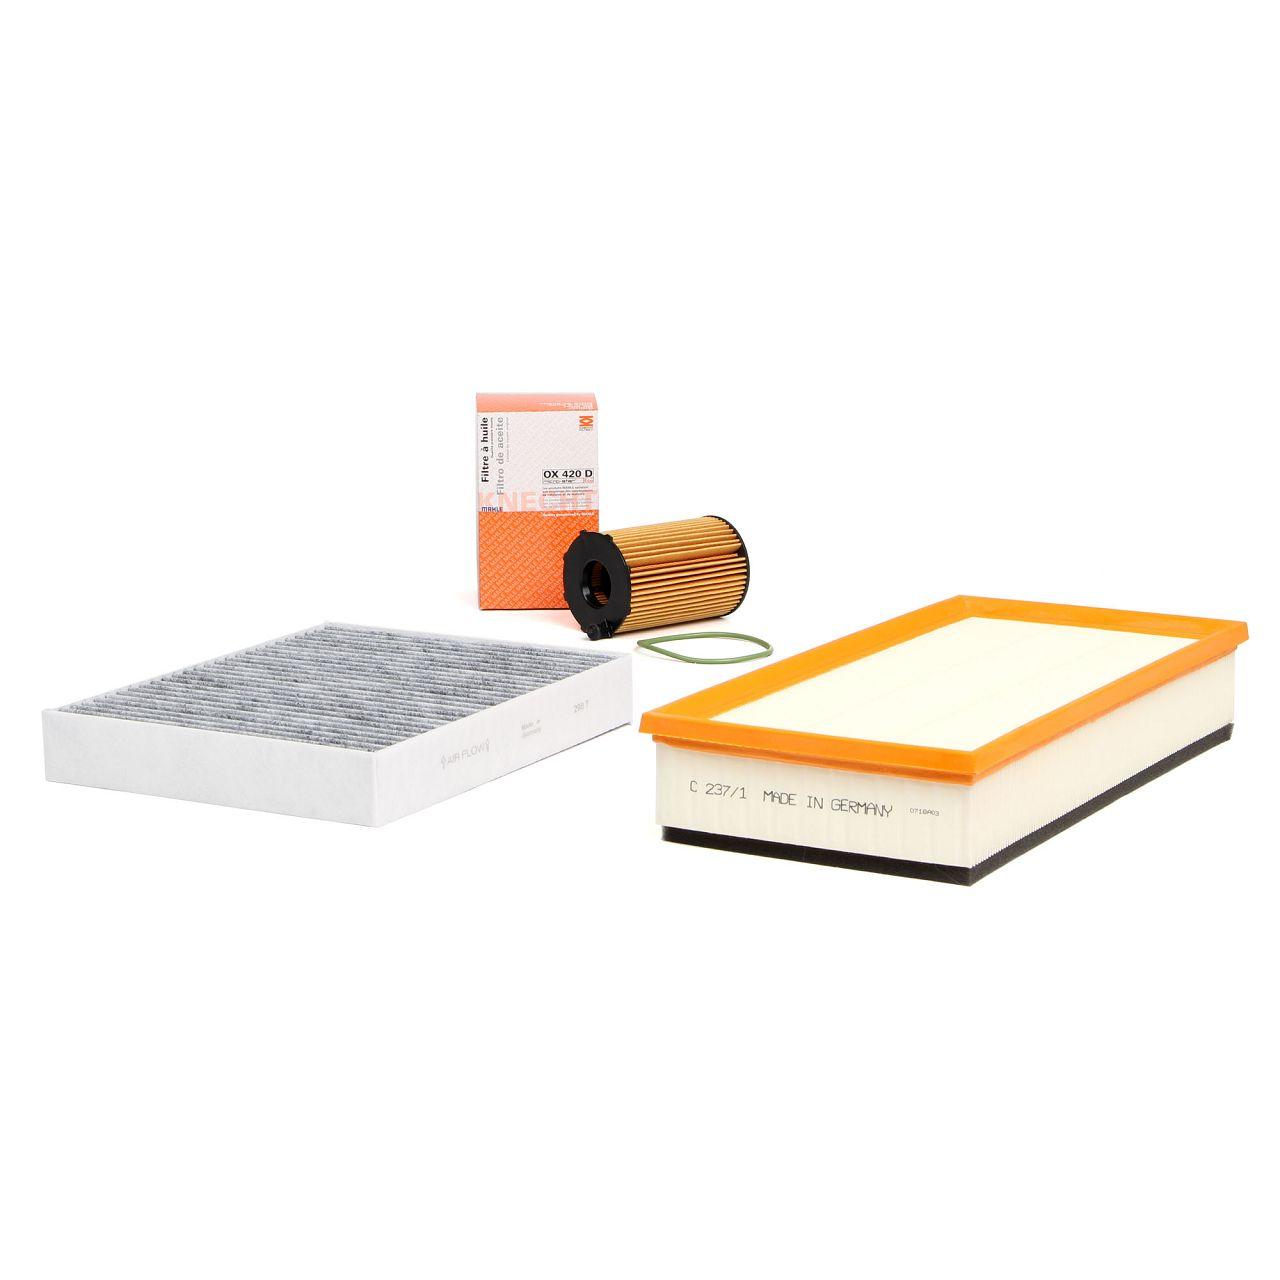 Inspektionskit Filterpaket für VW TOUAREG (7P) 3.0 V6 TDI 204 / 245 / 262 PS